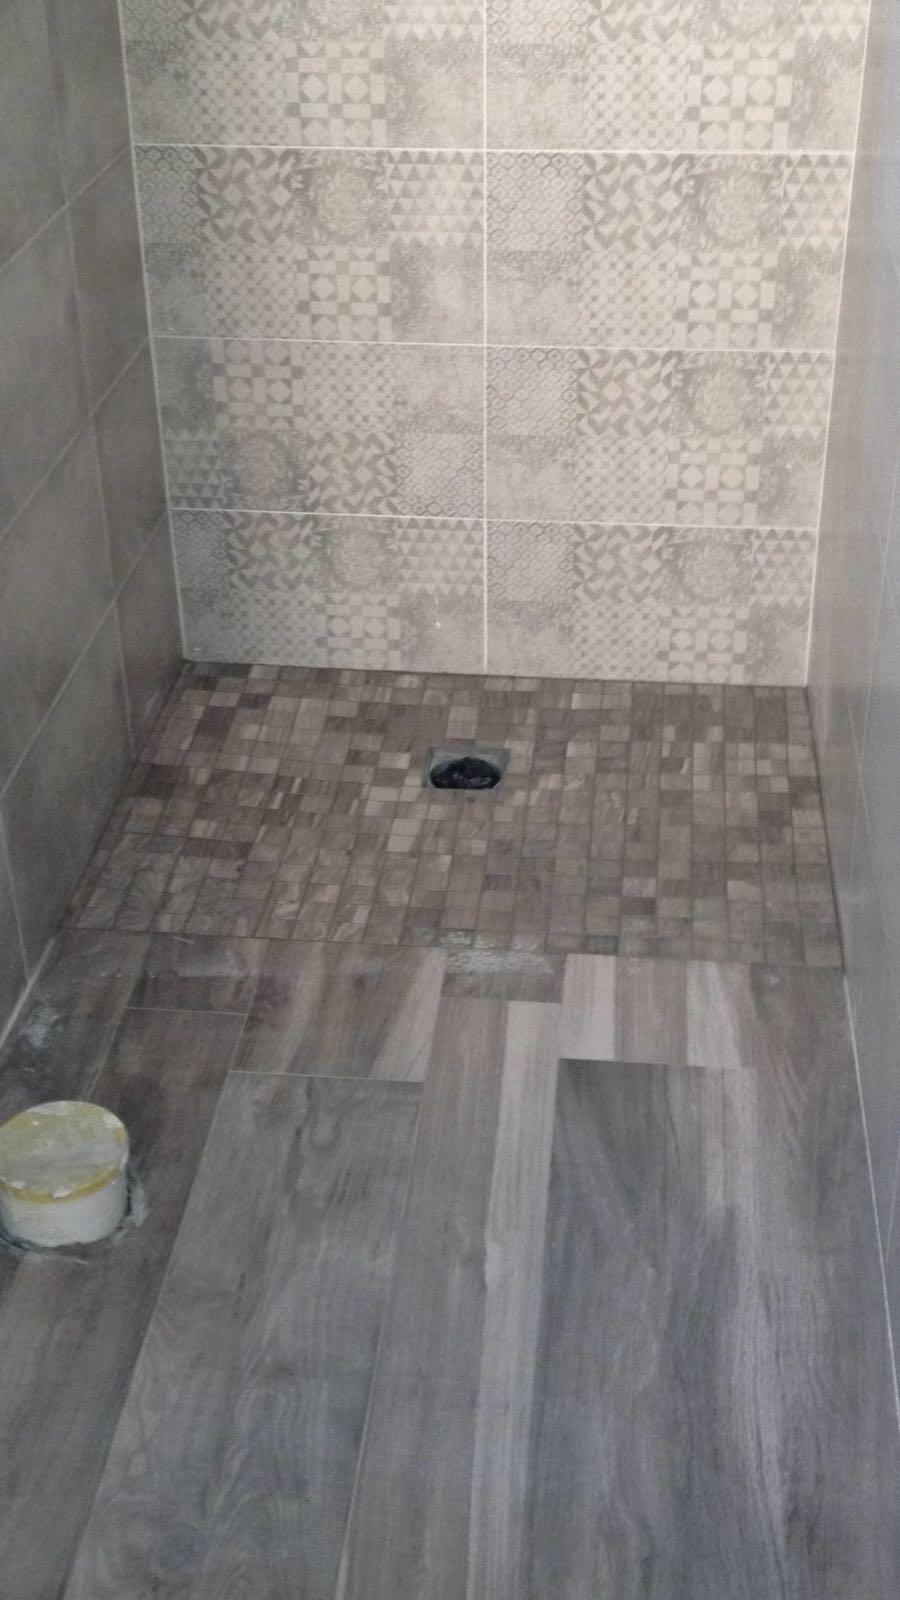 Gres effetto legno multiformato, piatto doccia a raso in mosaico ricavato dalla piastrella, rivestimento in maioliche decorate effetto cementine Revigliasco D